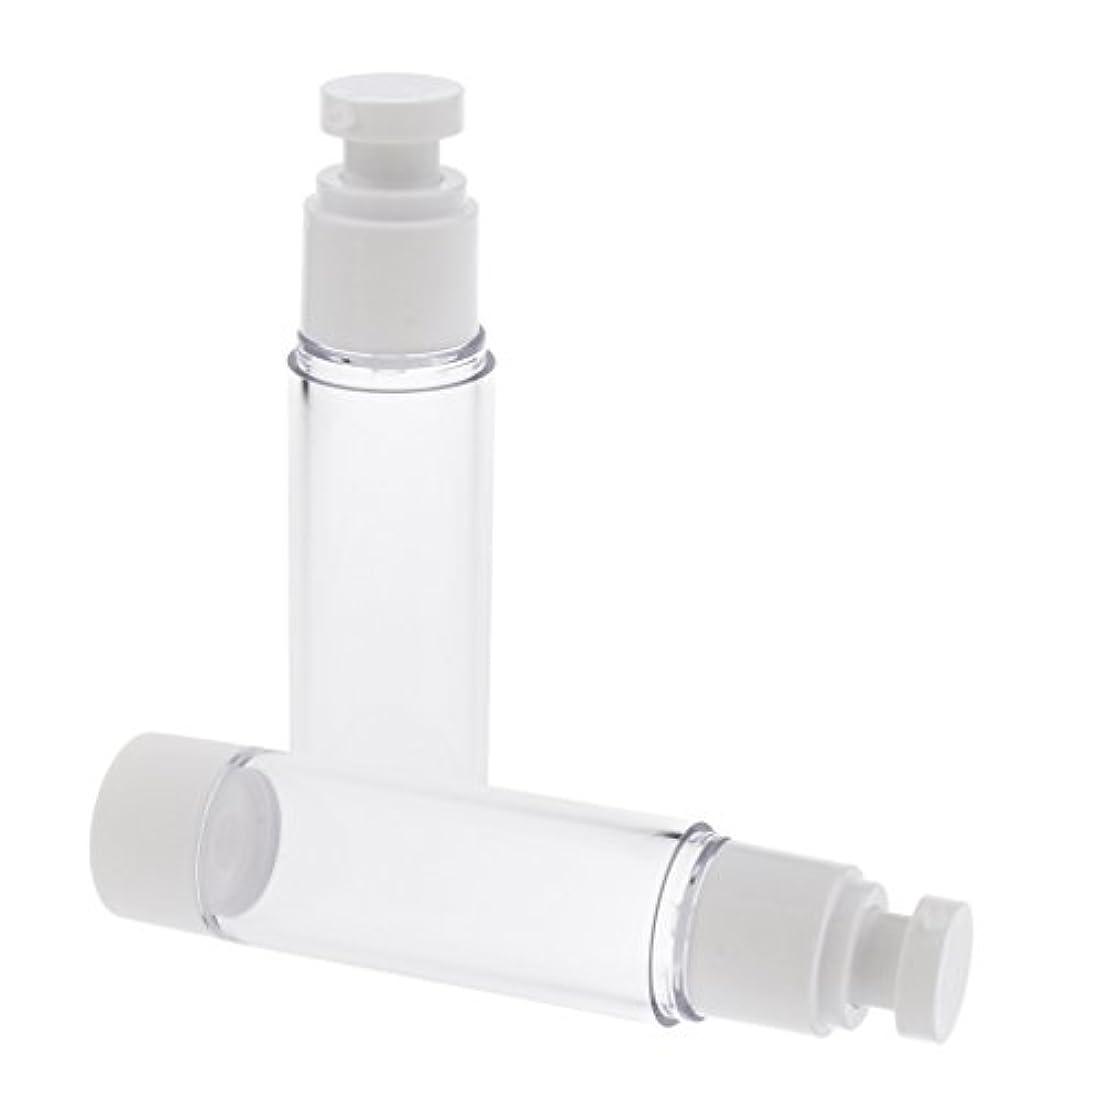 なだめる国バトル2ピース/個エアレスポンプボトル15mL / 30mL / 50mLトラベルローションクリームポータブル化粧品 - 50ミリリットル